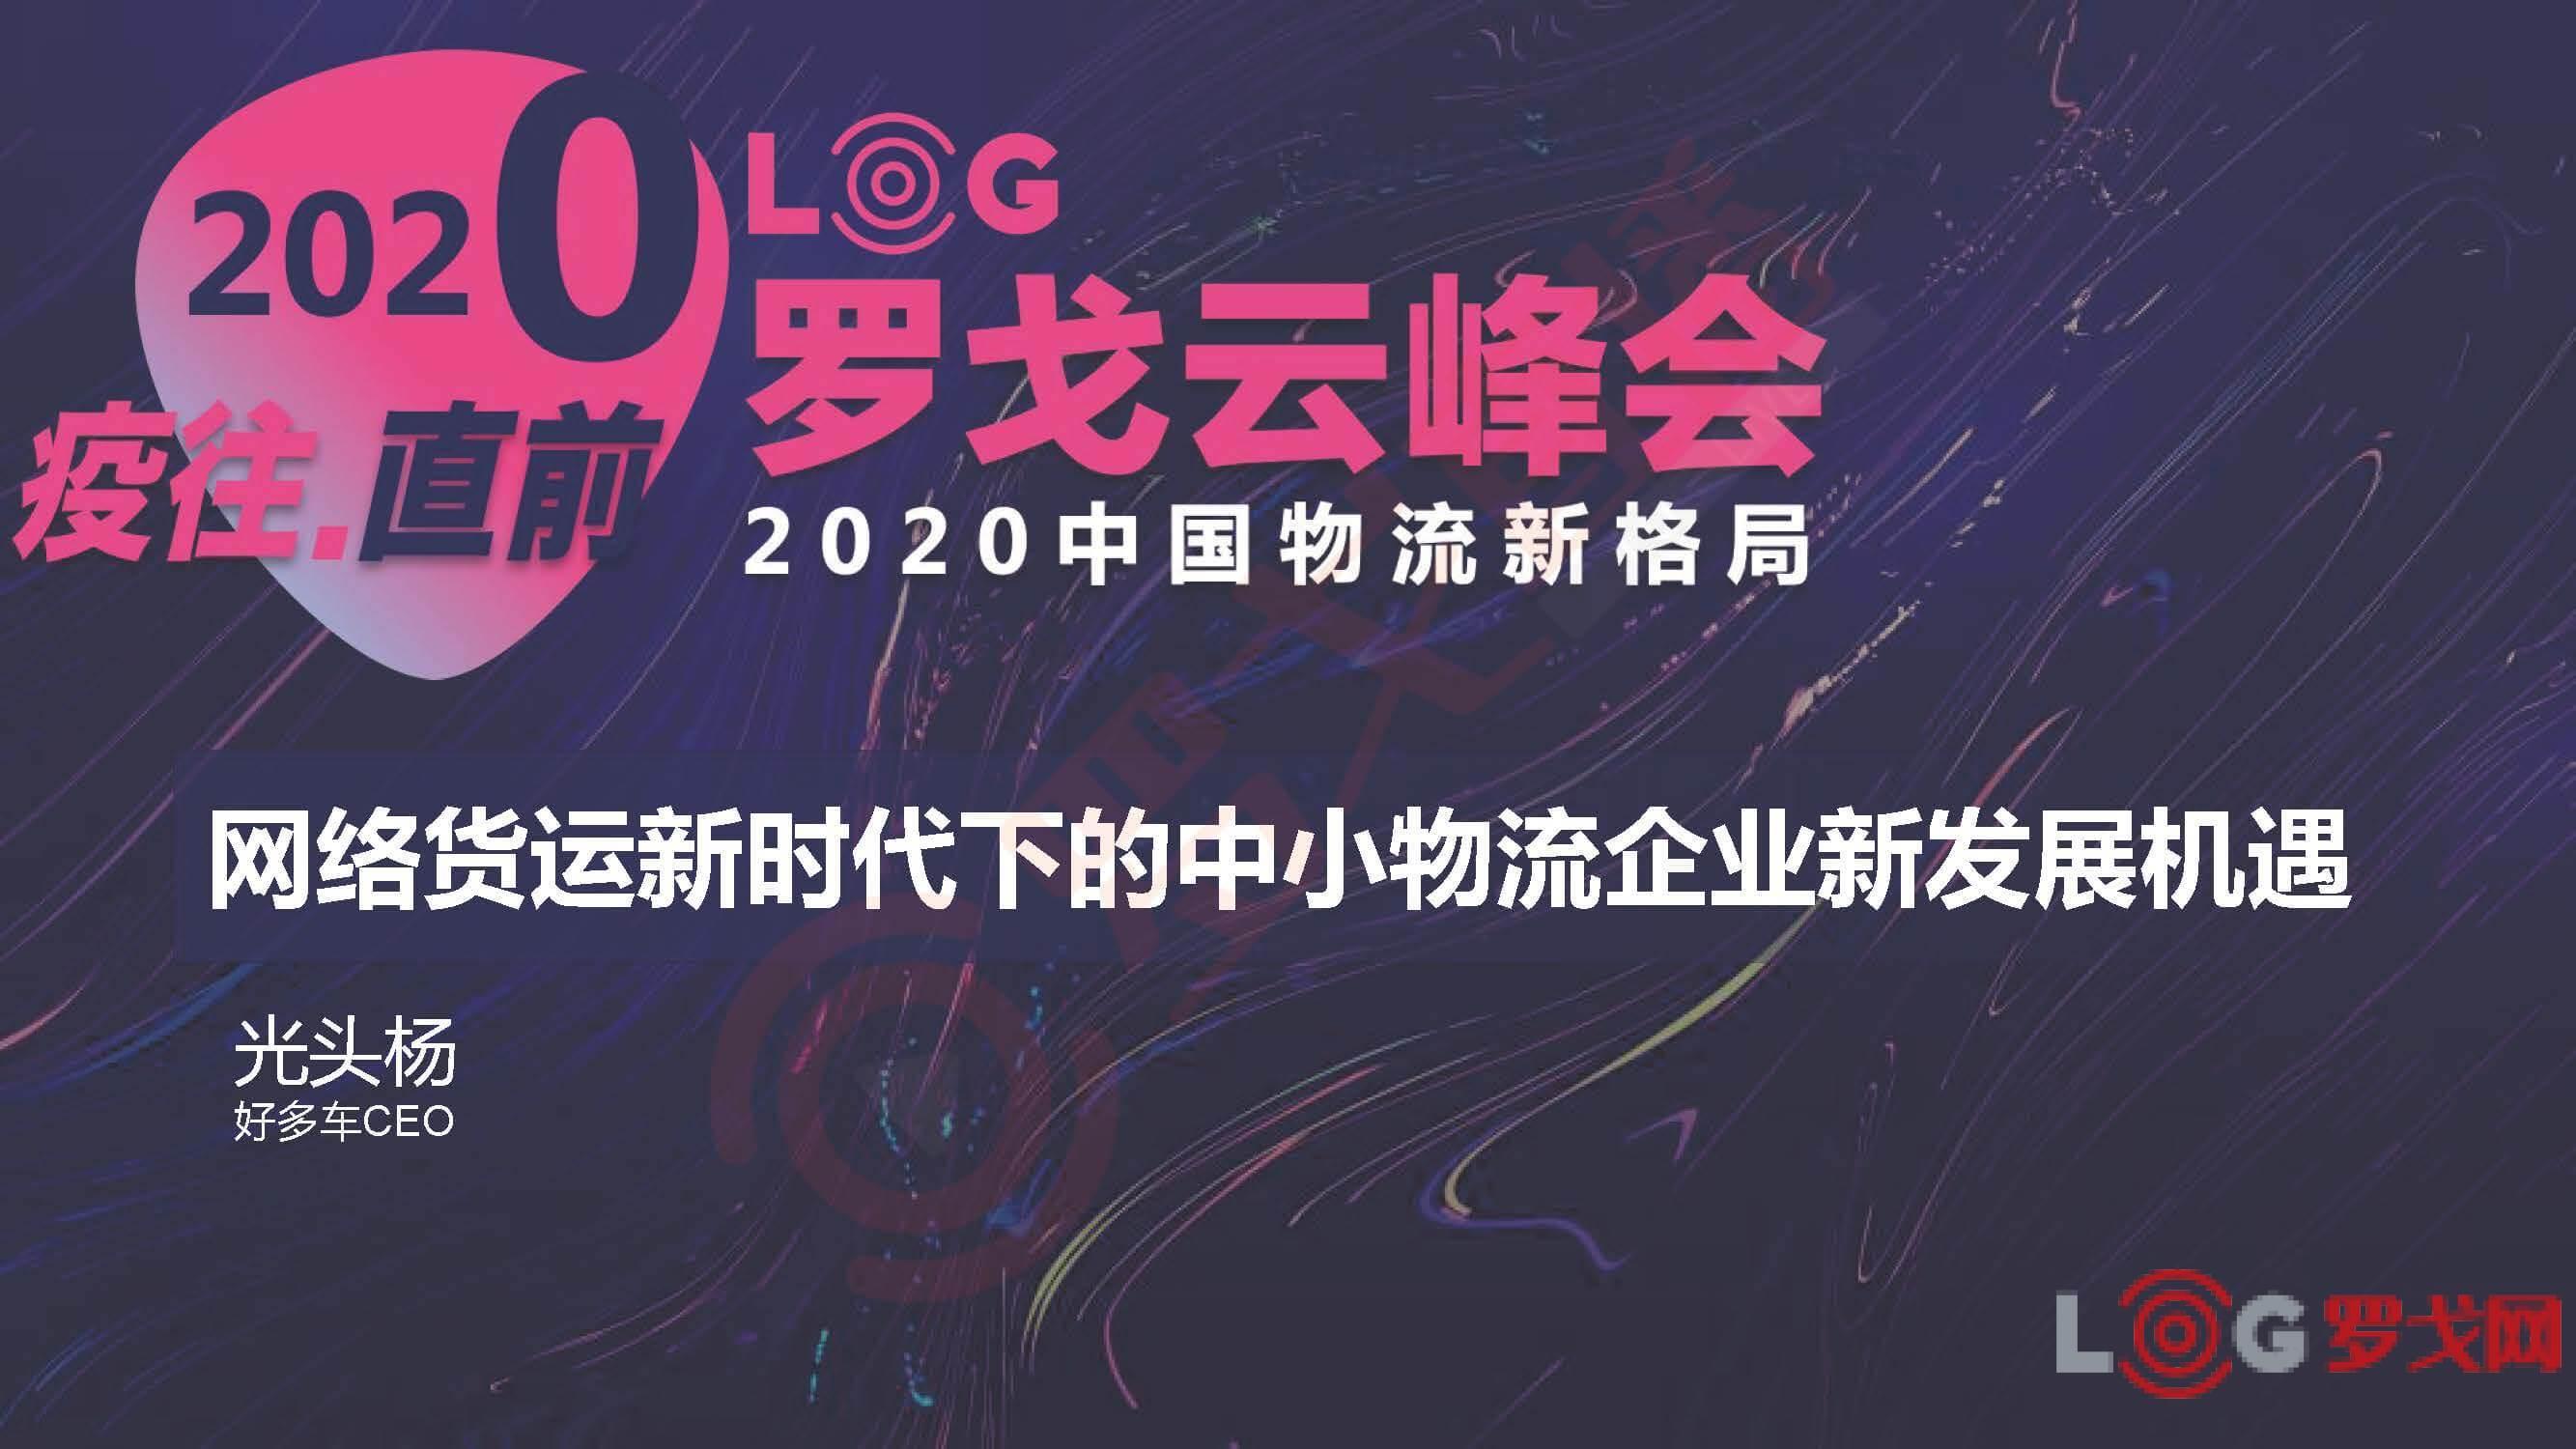 好多車CEO楊葉龍:網絡貨運新時代下的中小物流企業新發展機遇